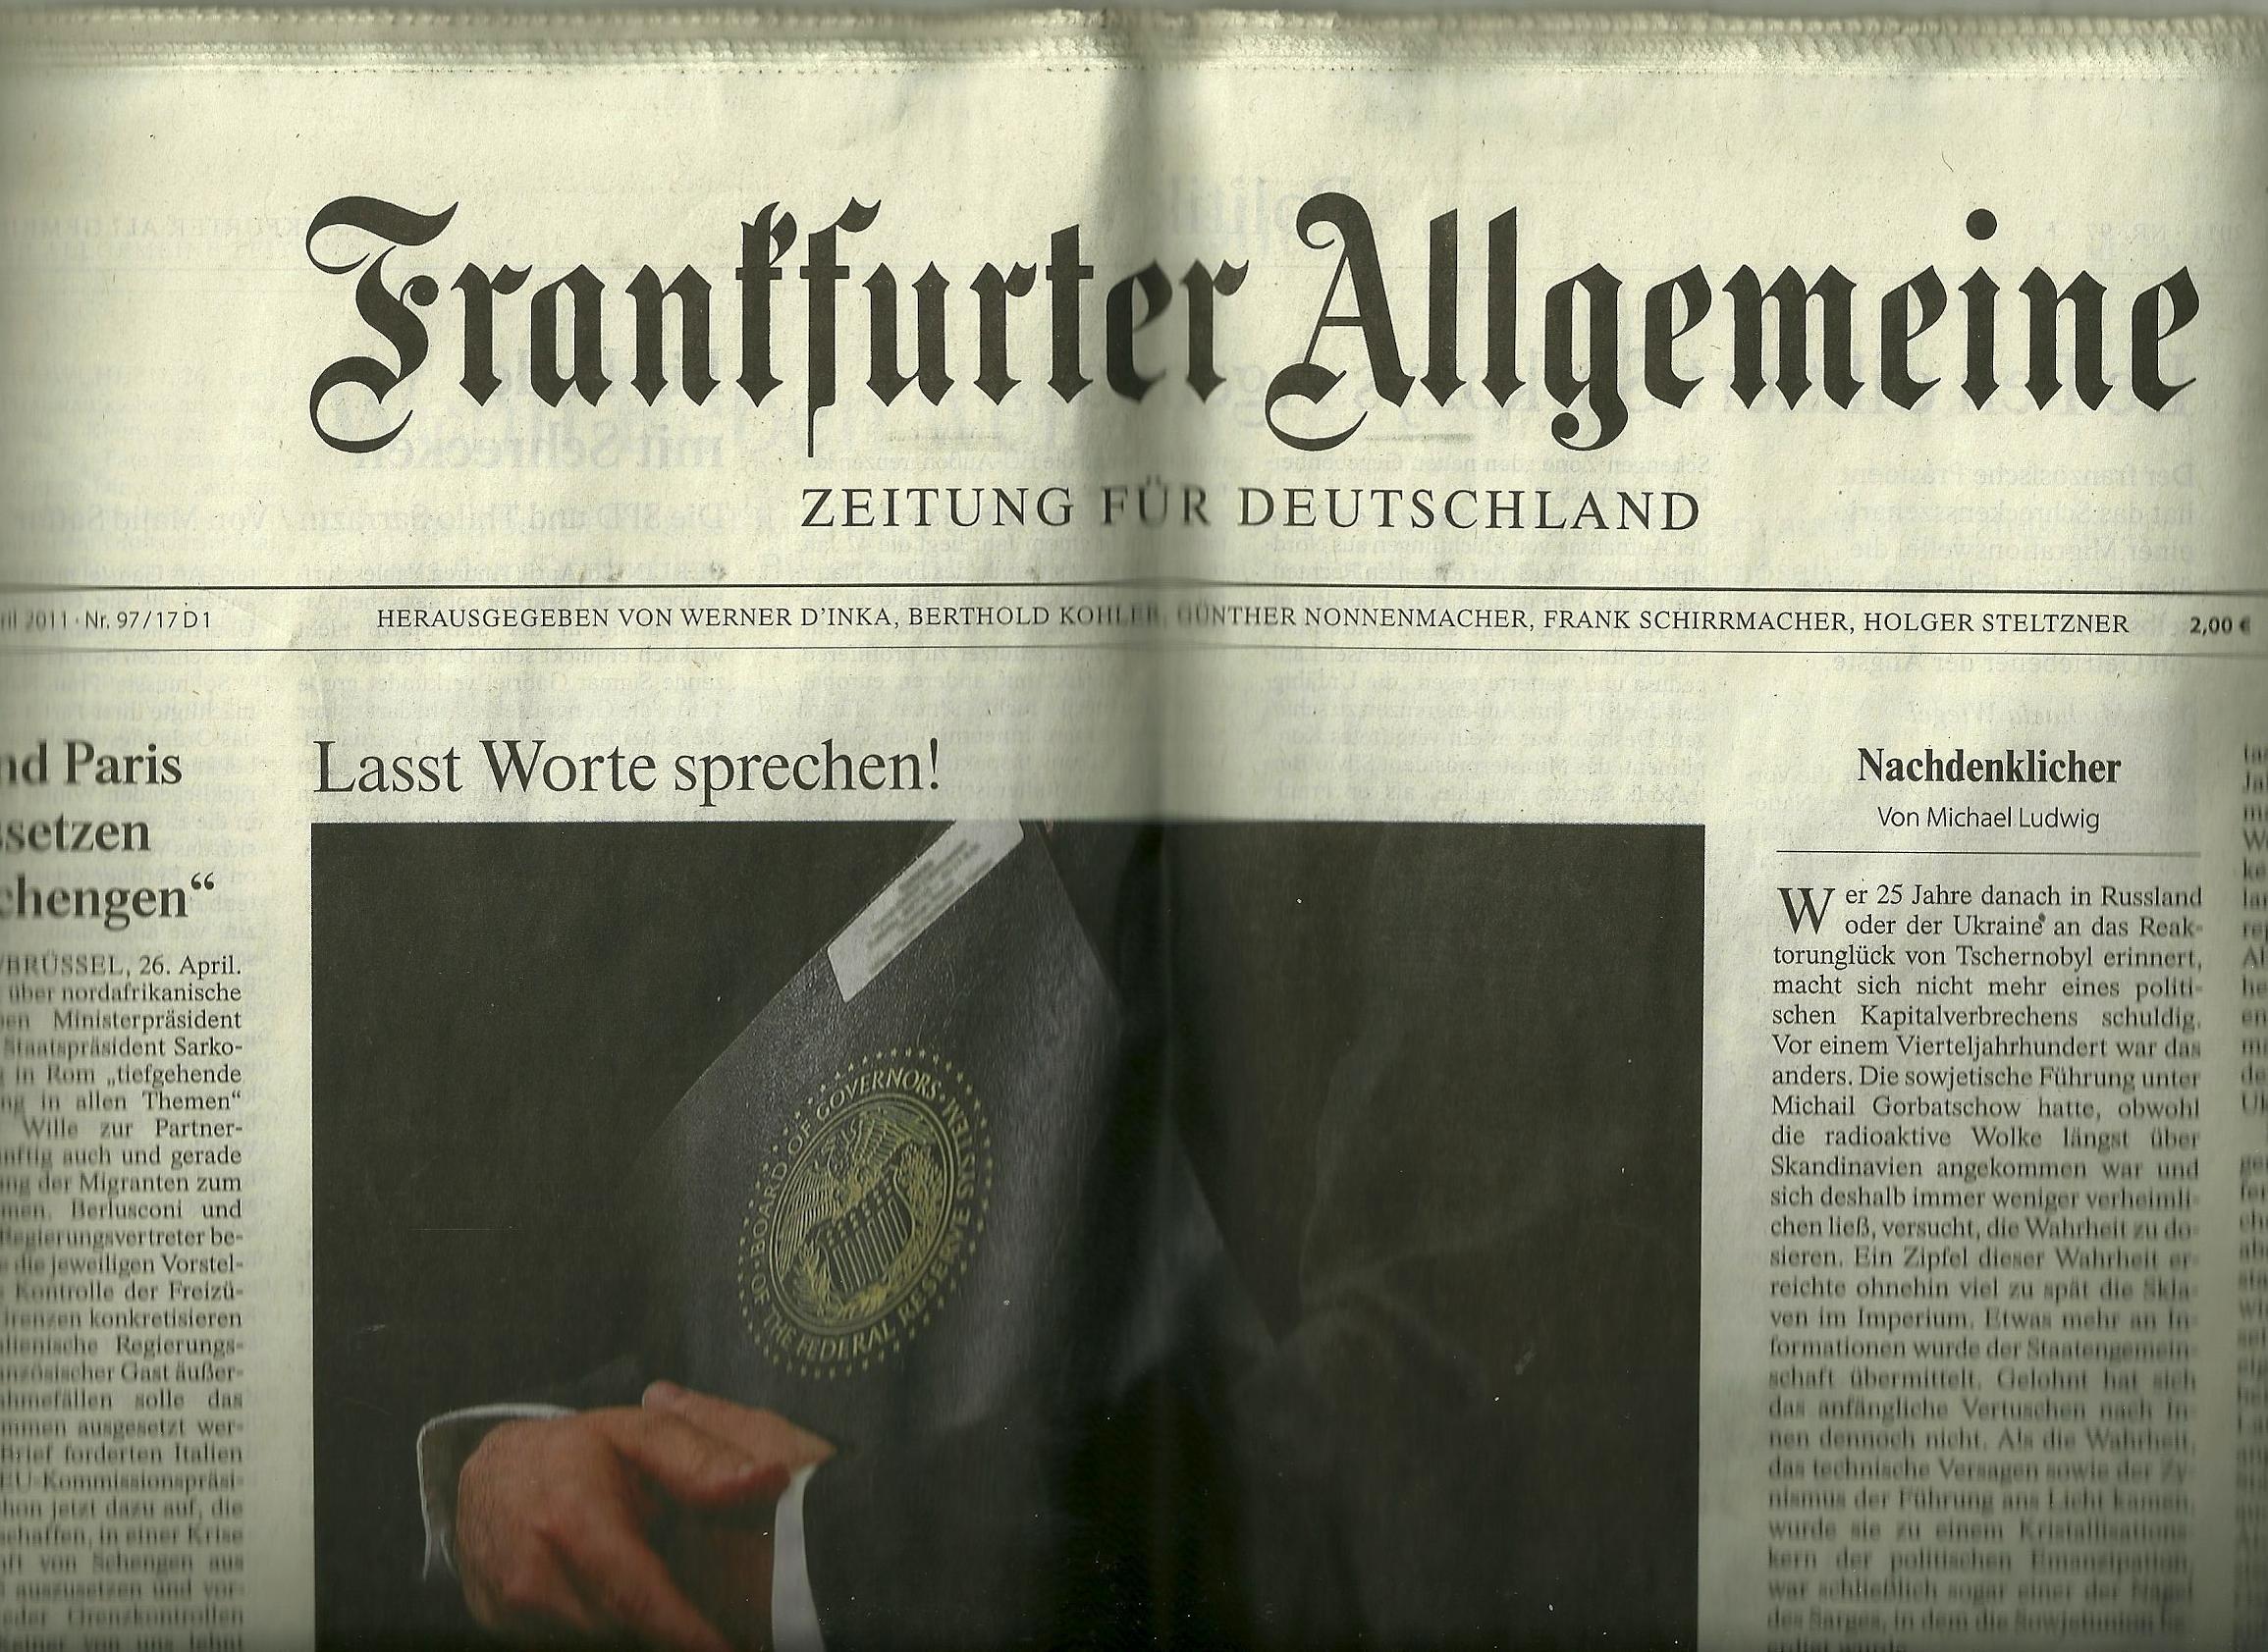 FRANKFURTER ALLGEMEINE, ZEITUNG FUR DEUTSCHLAND, MIIWOCH, 27, APRIL 2011, NR. 97/17D1: LASST WORTE SPRECHEN!DIE EUROPAER WOLLEN SYRIEN IM UN SICHERHEITSRAT VERURTEILEN UND SO WEITER pdf epub